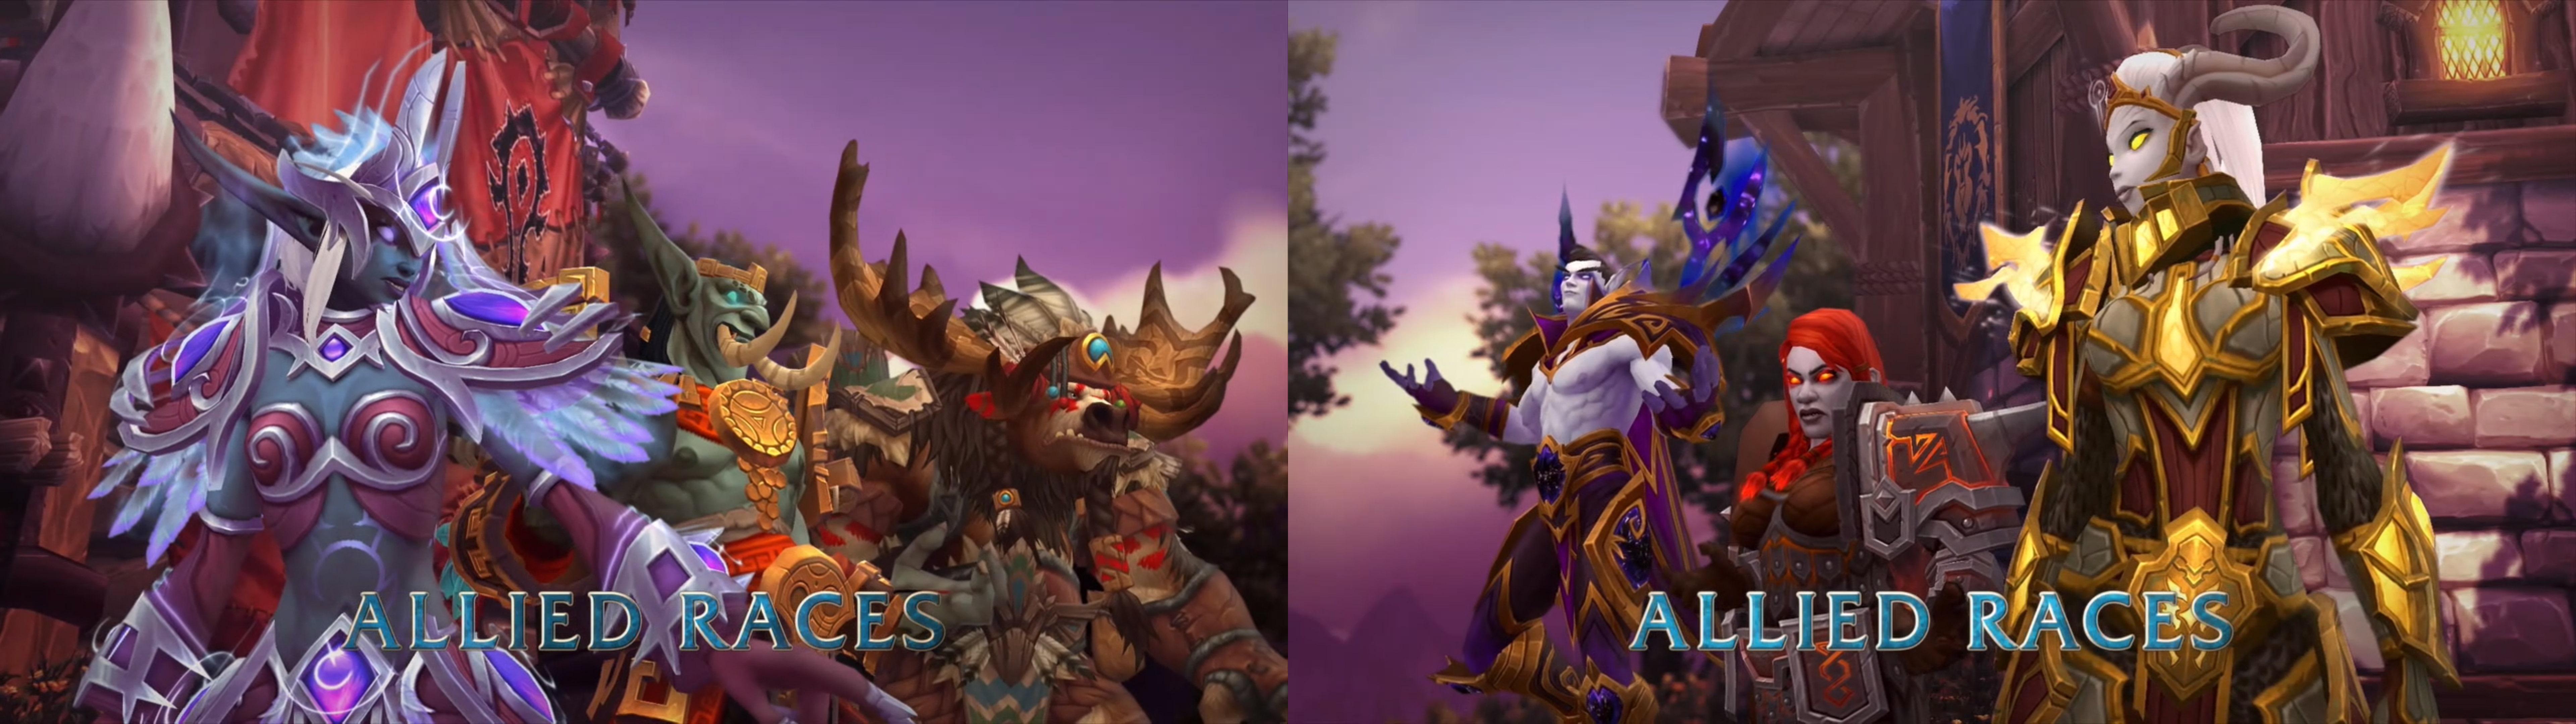 Sol tarafta Horde ırkları - Nightborne elfleri, Zandalari trolleri, Highmountain taurenleri Sağ tarafta Alliance ırkları - Lightforged draeneilar, Dark Iron cüceleri ve Void elfler